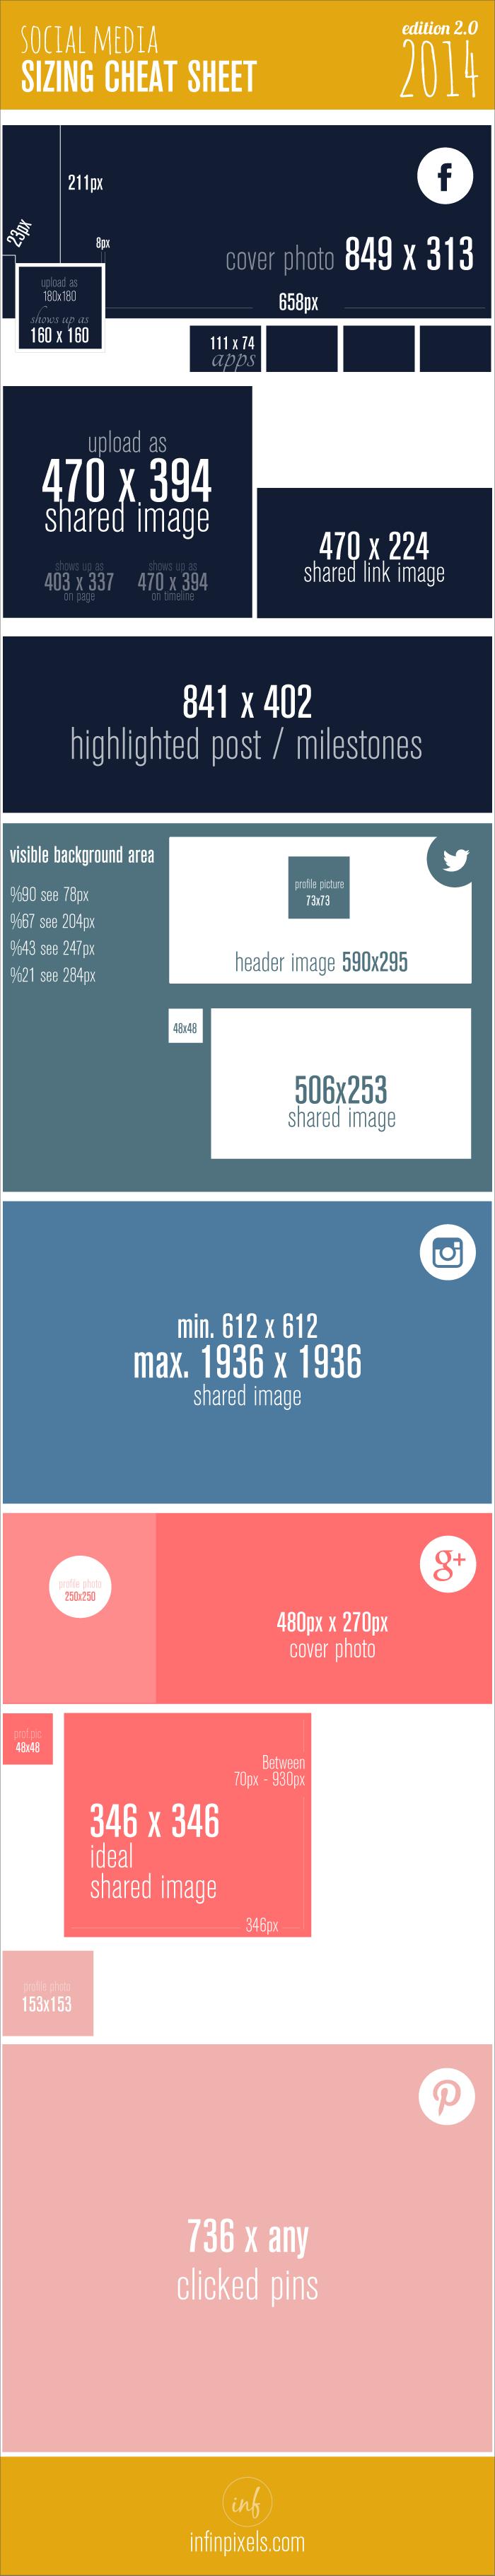 (Source: InfinPixels. Measure image via Shutterstock.)